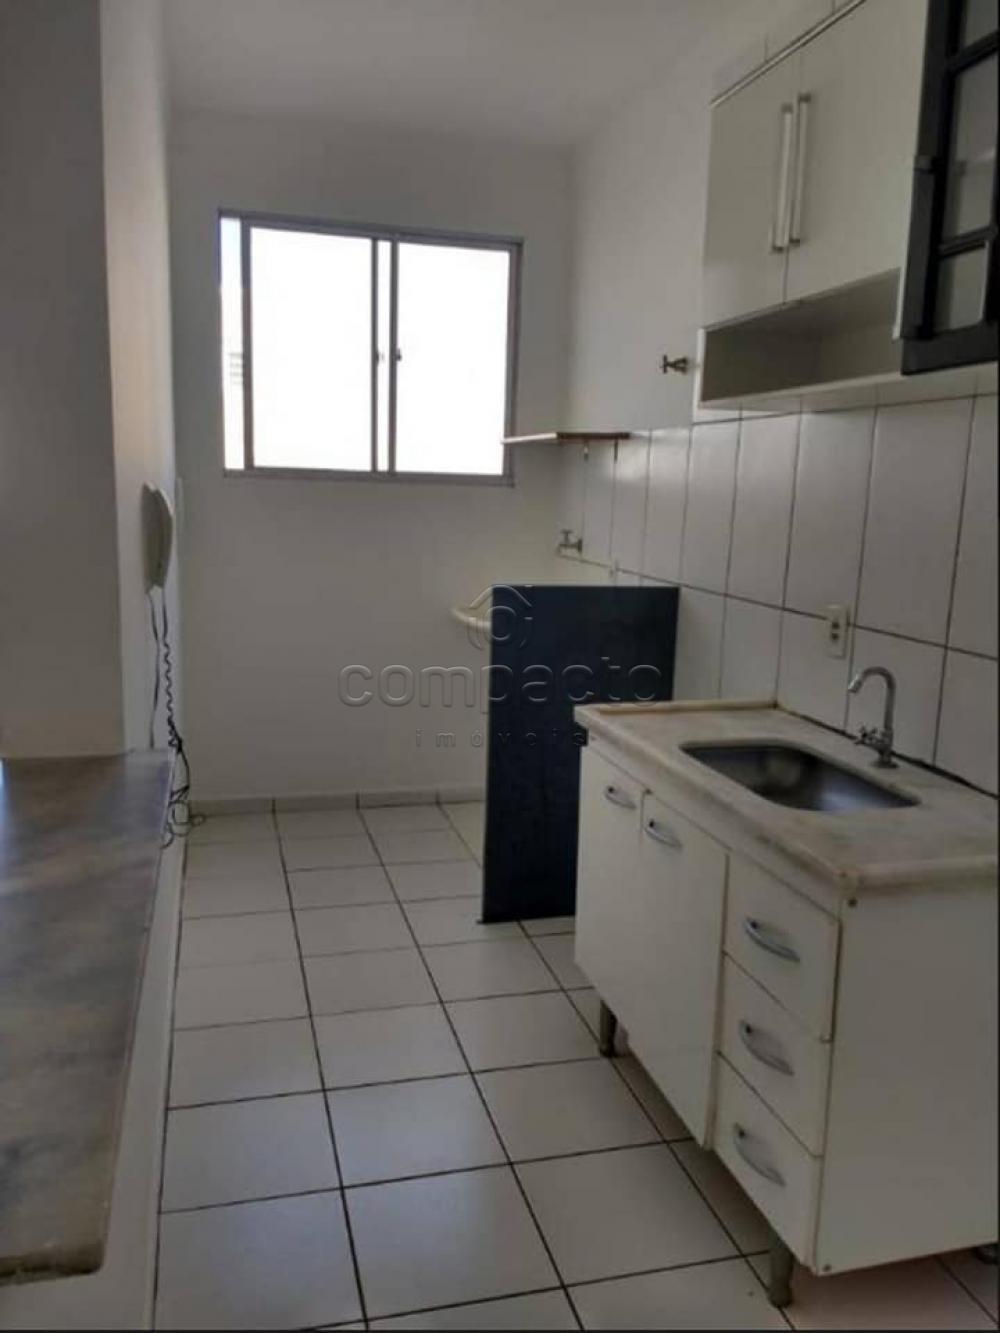 Alugar Apartamento / Cobertura em São José do Rio Preto apenas R$ 1.400,00 - Foto 3